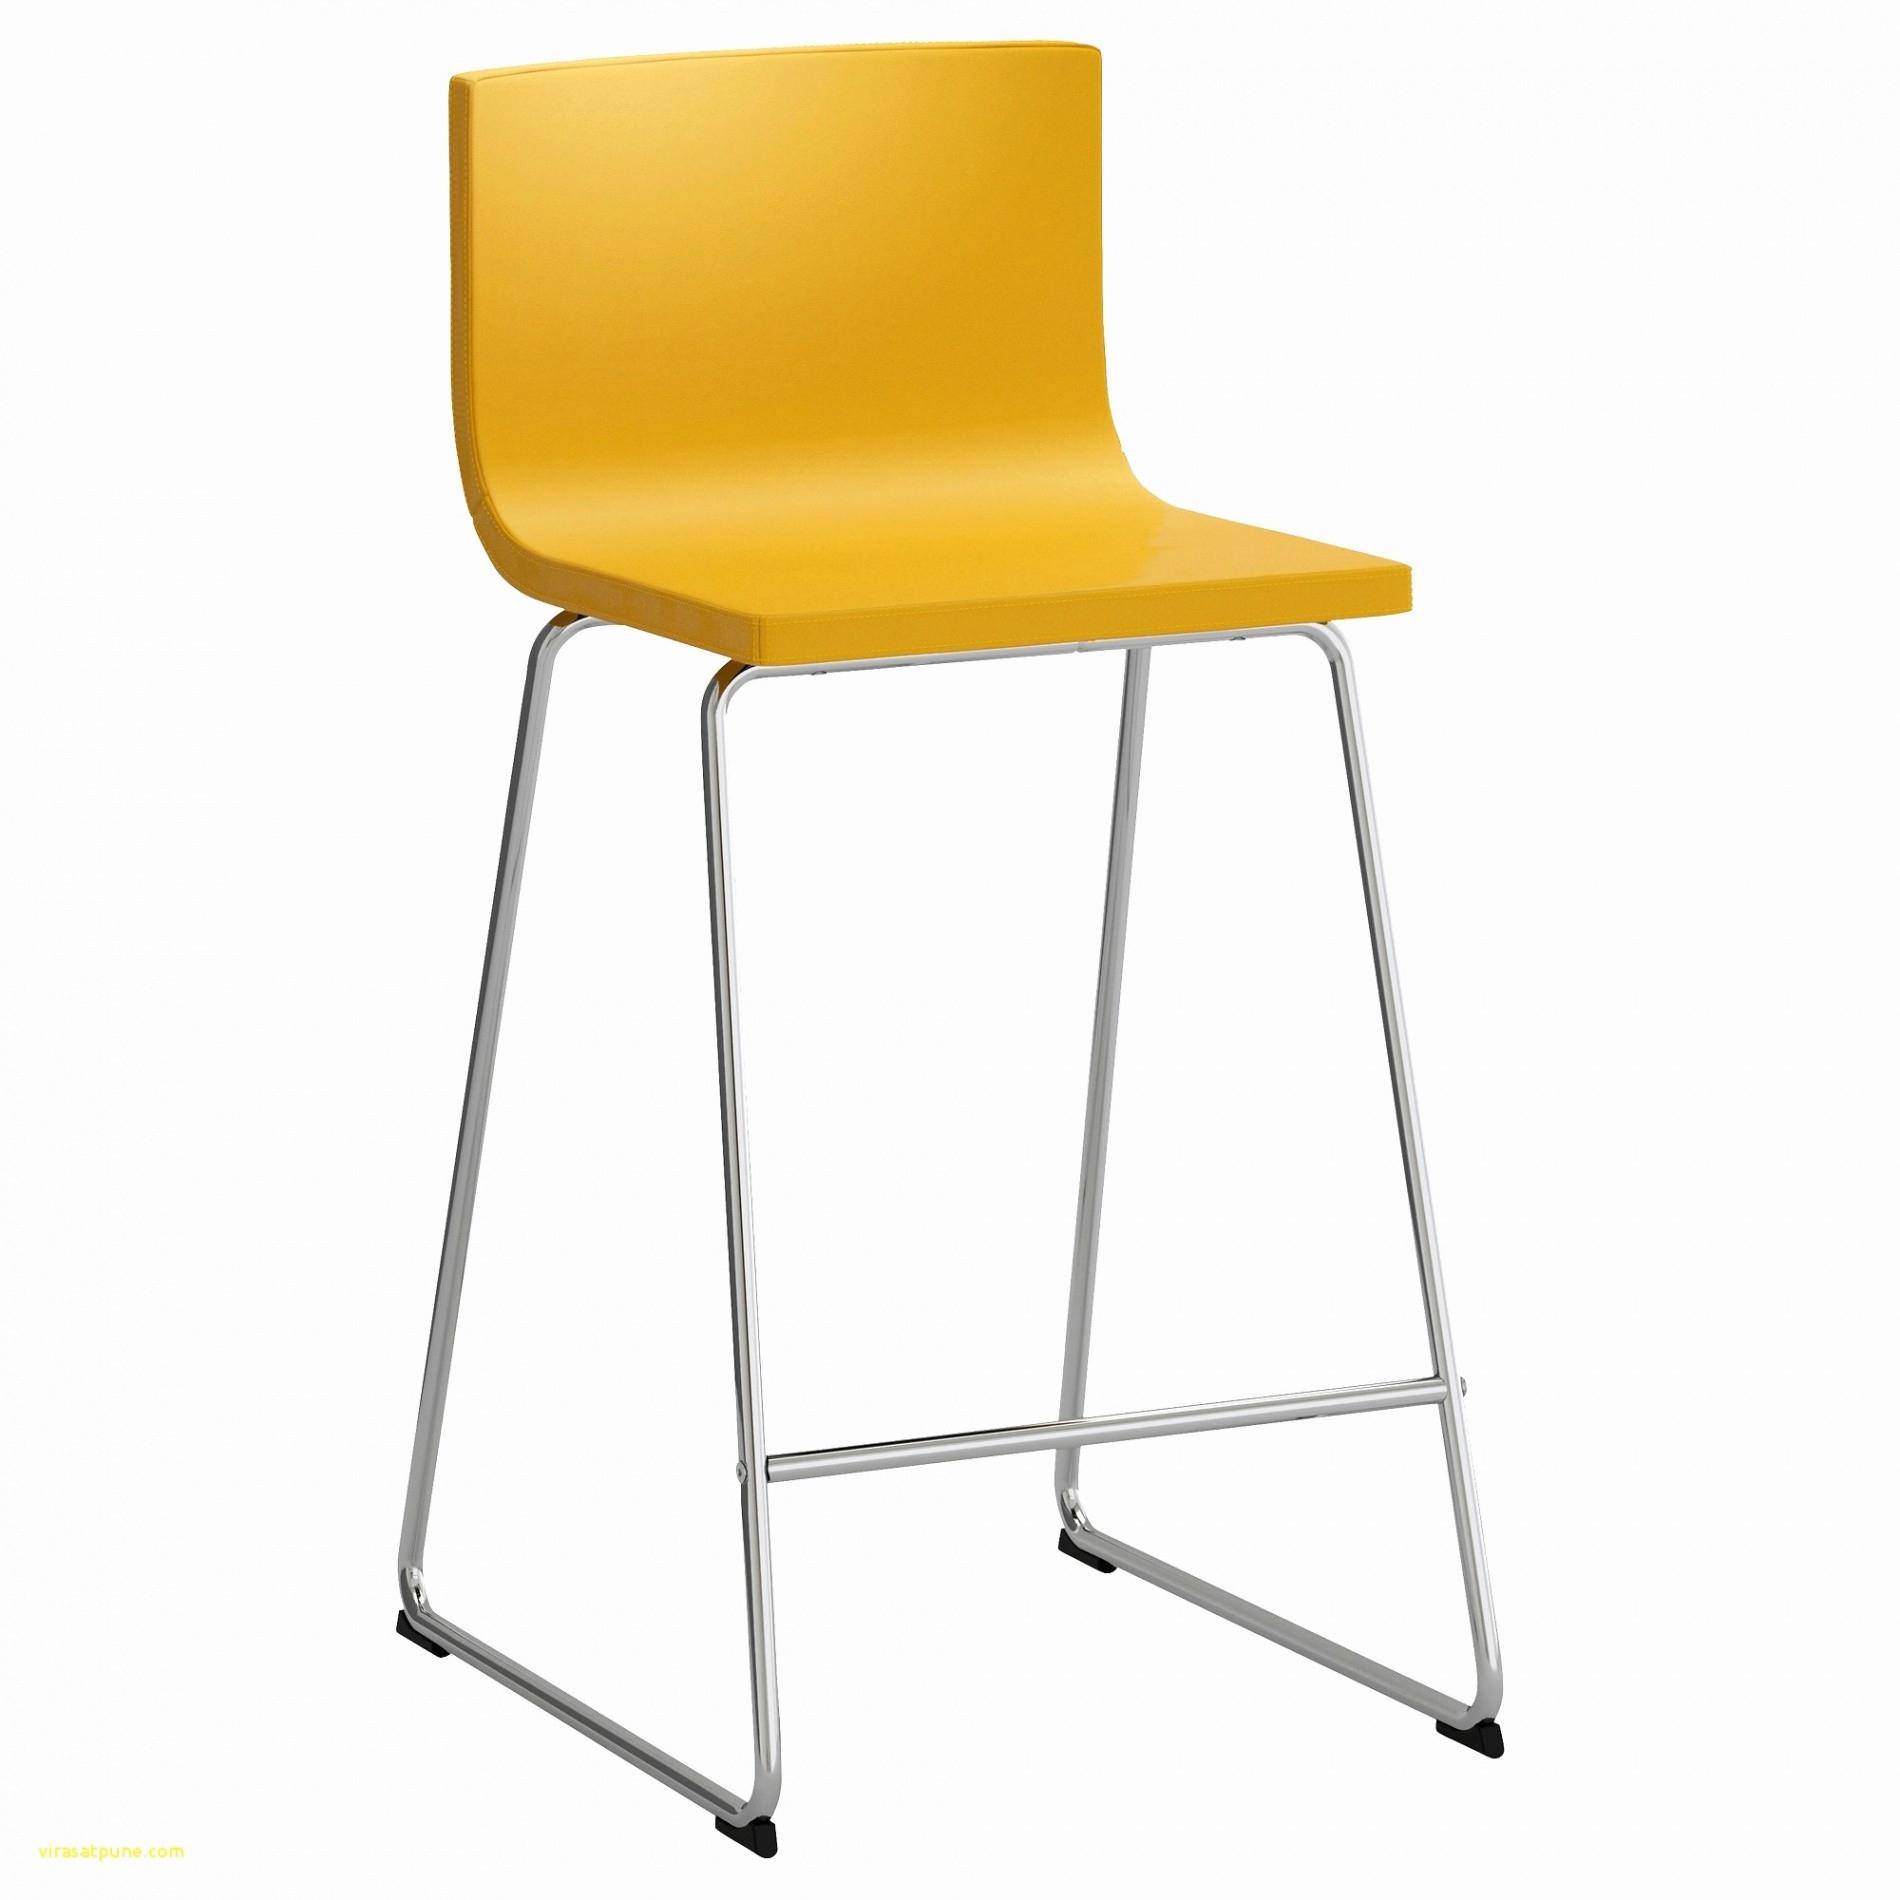 30 Nouveau Ikea Chaise Scandinave Idées Astucieuses à Violay Meubles